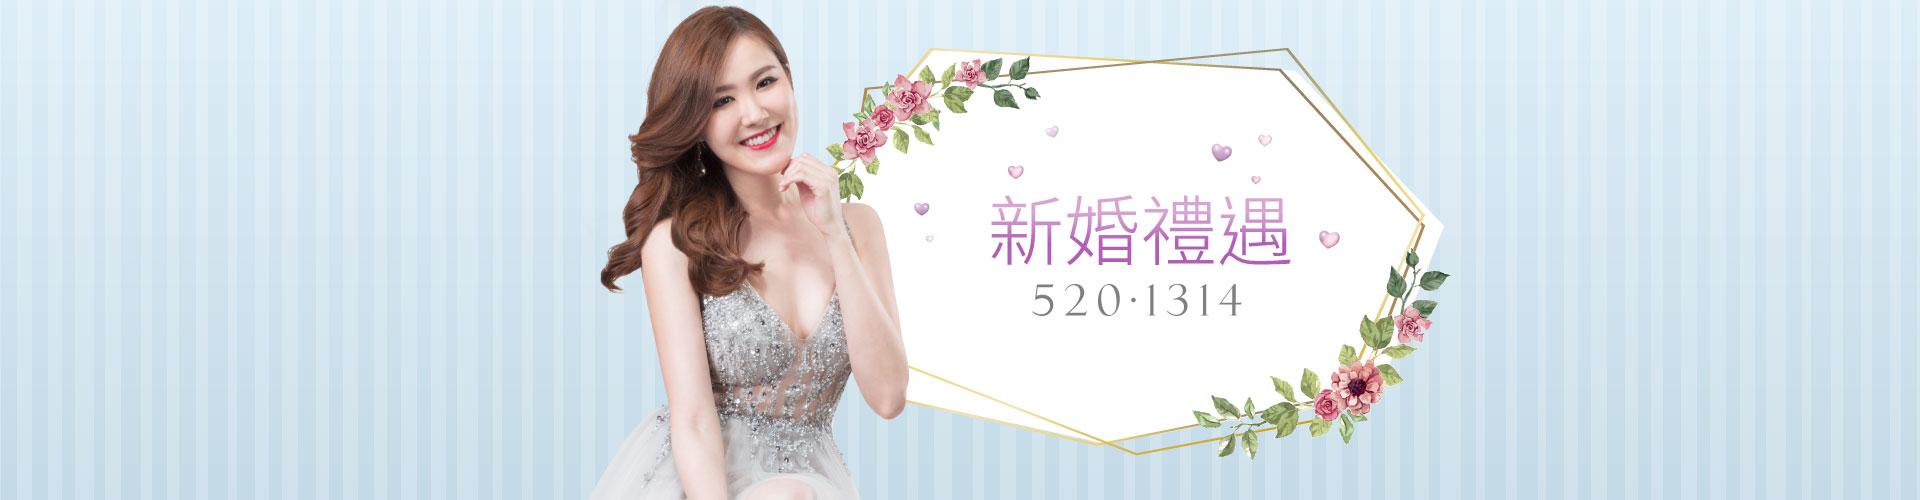 香港婚紗展獨家禮遇